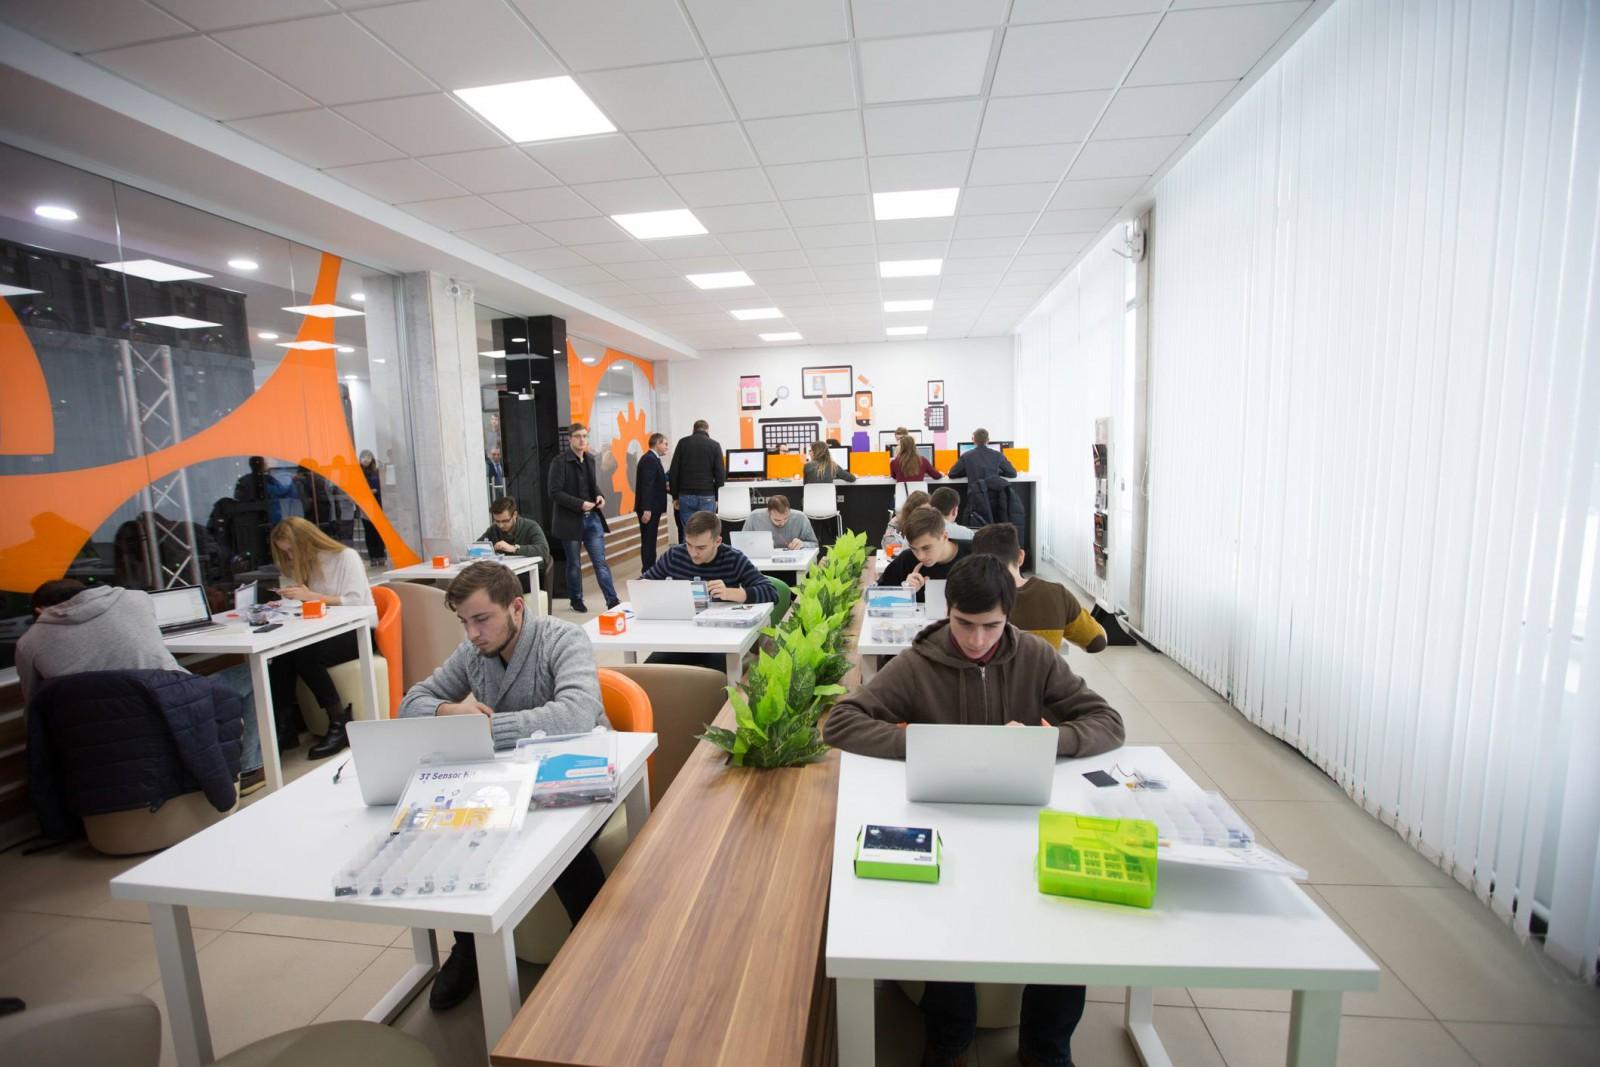 (video) Experienţe digitale incomparabile la Orange WiFi Cafe